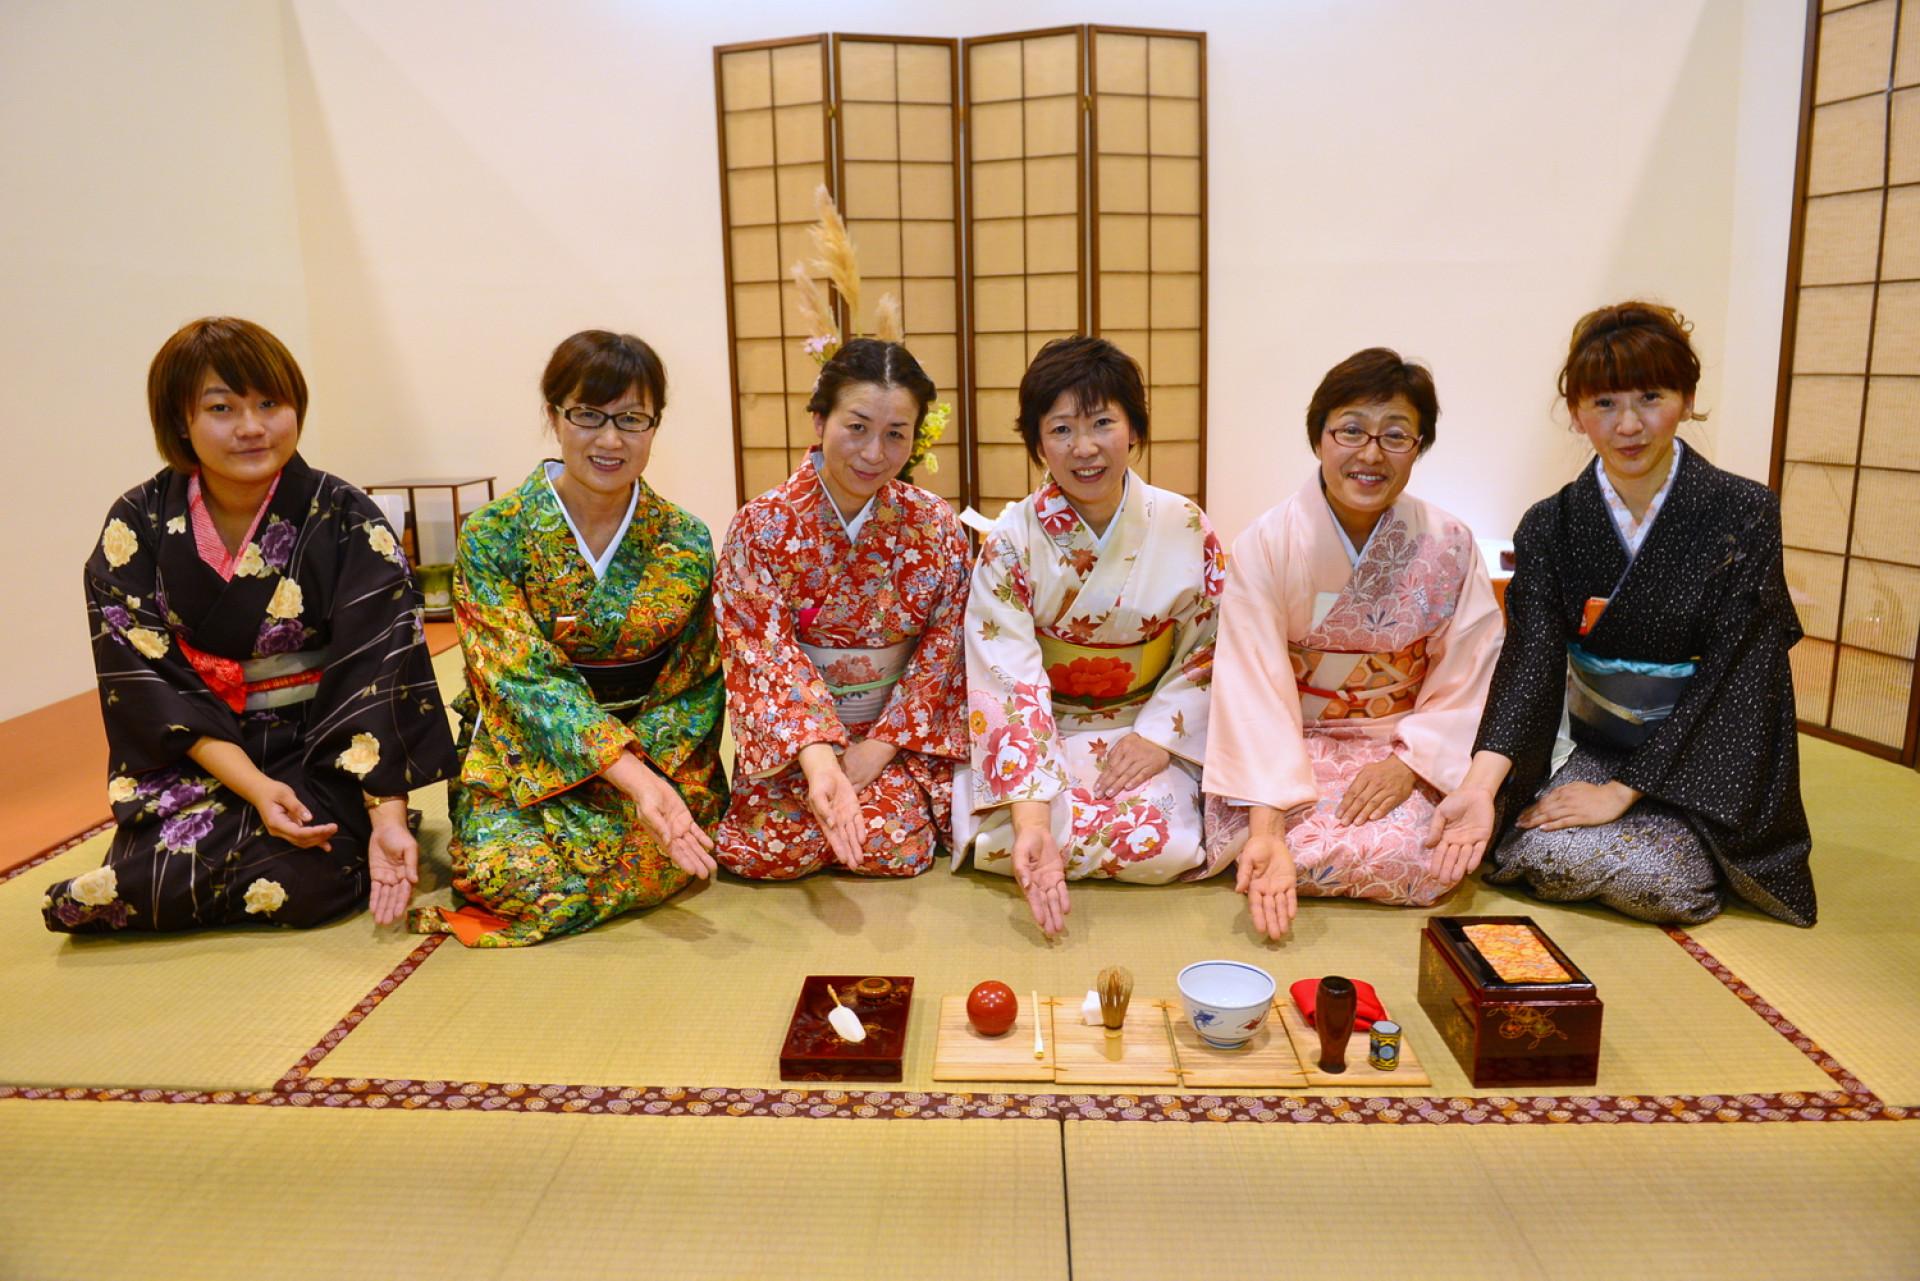 南投縣府主辦茶博開幕  日本茶道展演及體驗受青睞